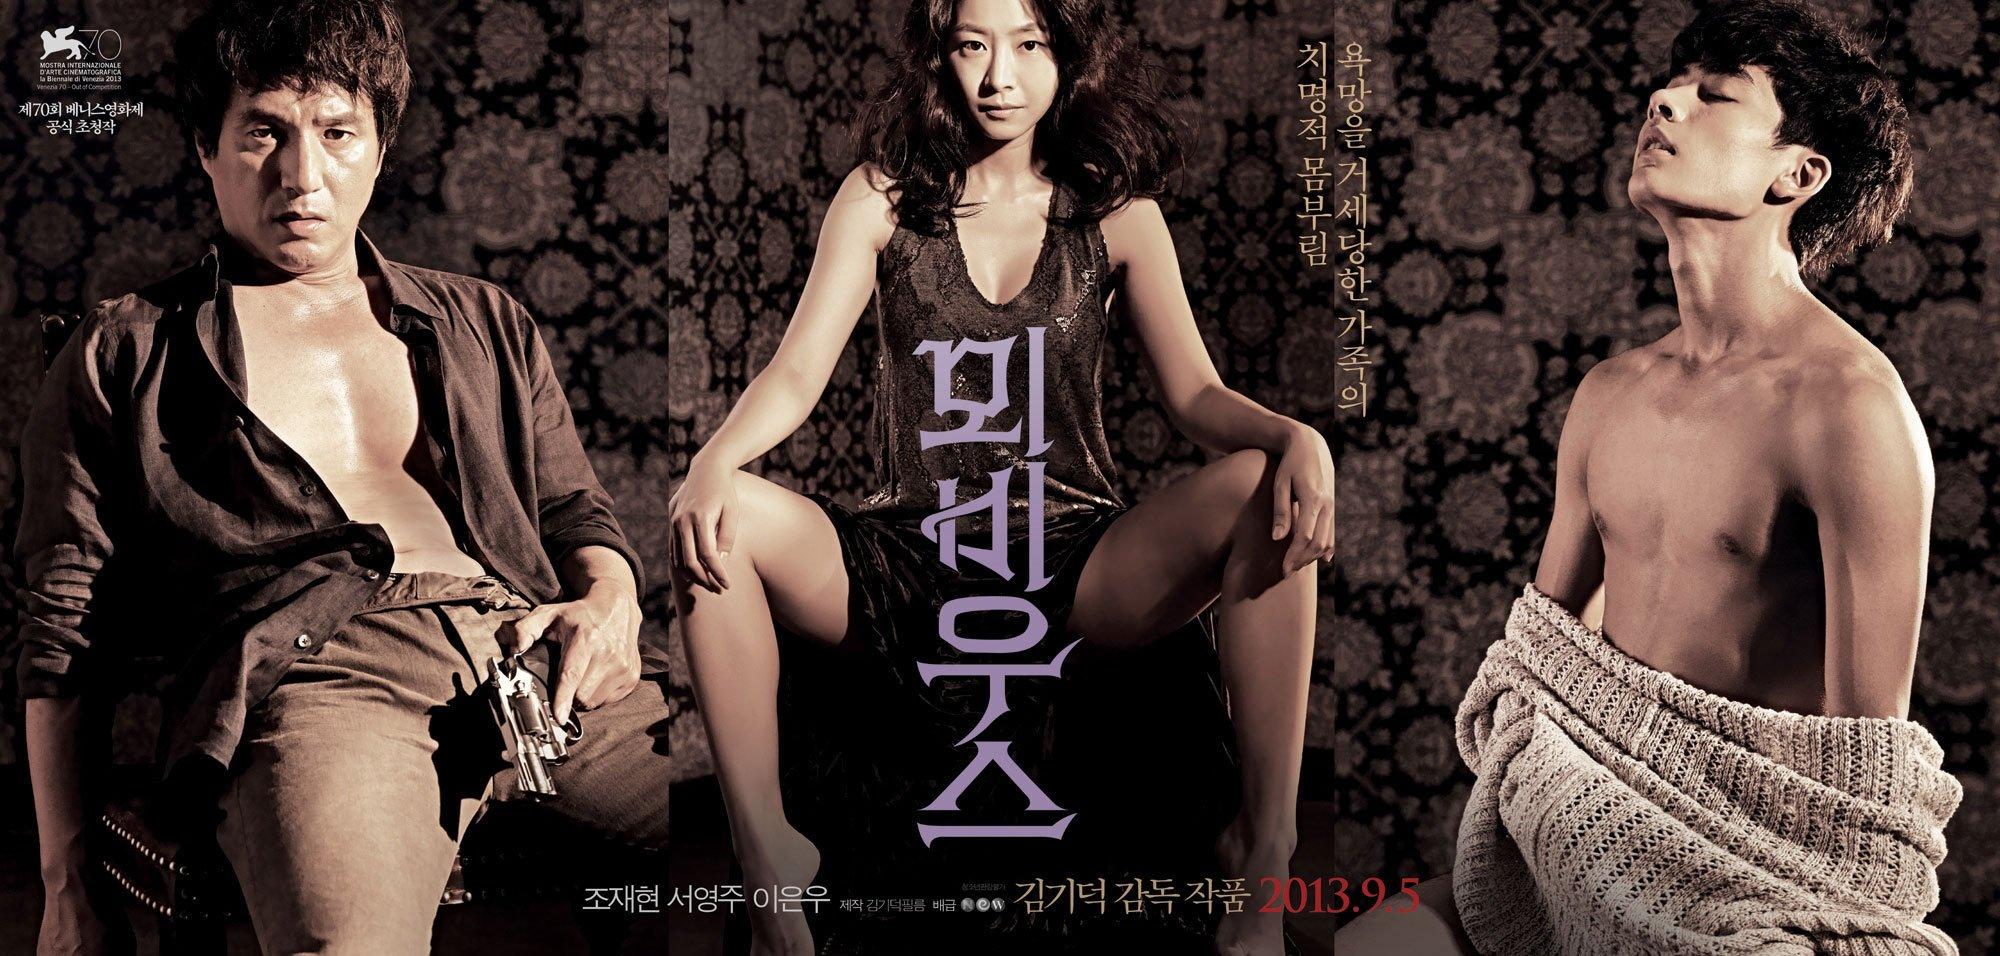 """The Phallic Discourse of Kim Ki-duk's """"Moebius"""" – Seoulbeats"""